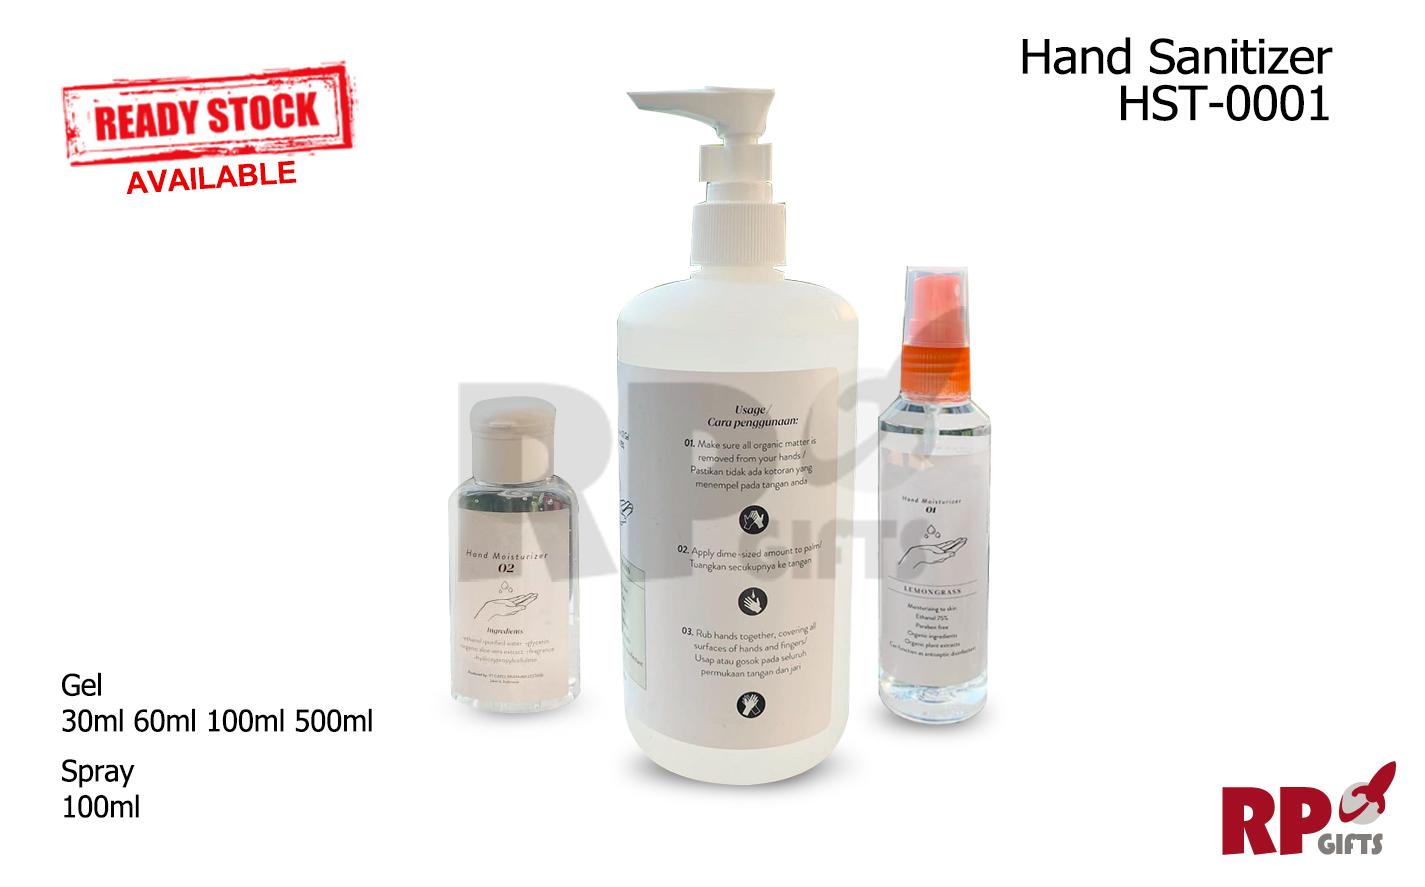 Kategori Hand Sanitizer